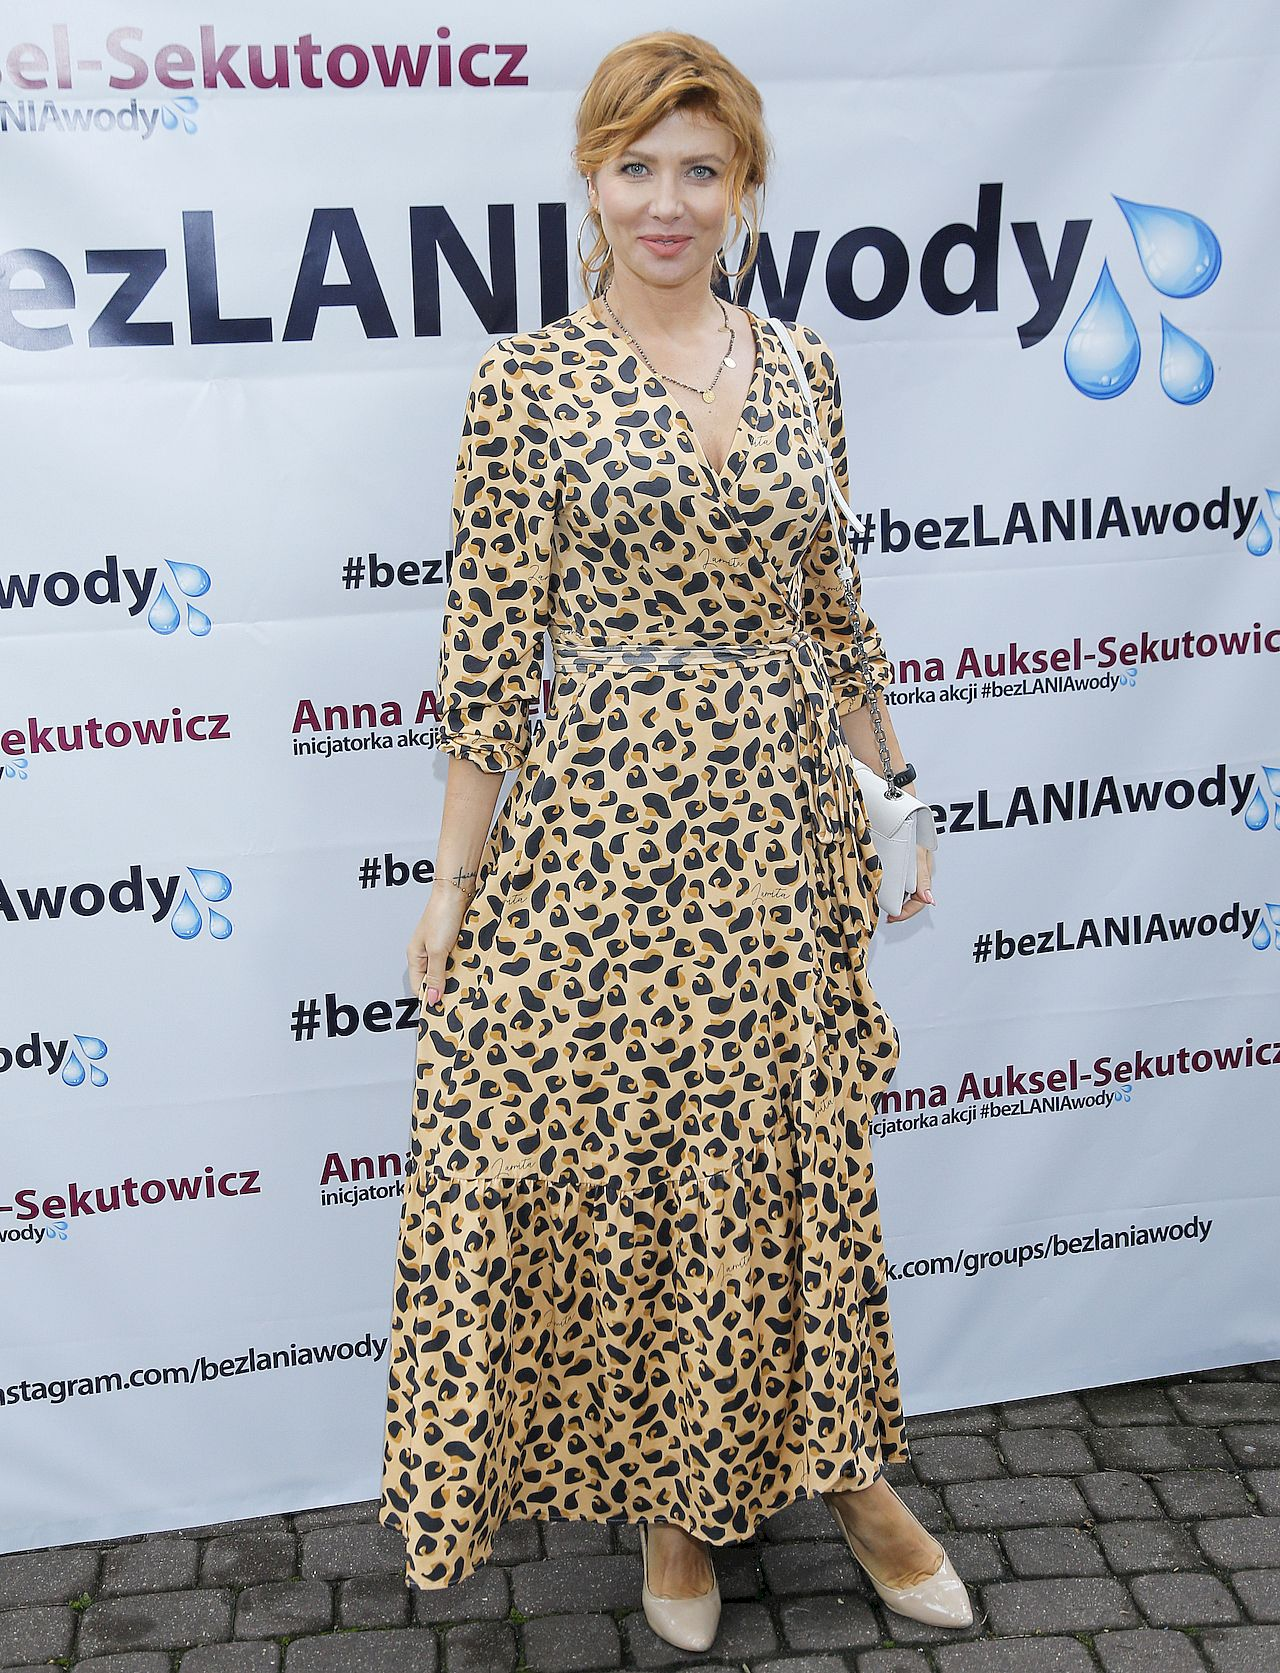 Agata Załęcka na konferencji #bezlaniawody